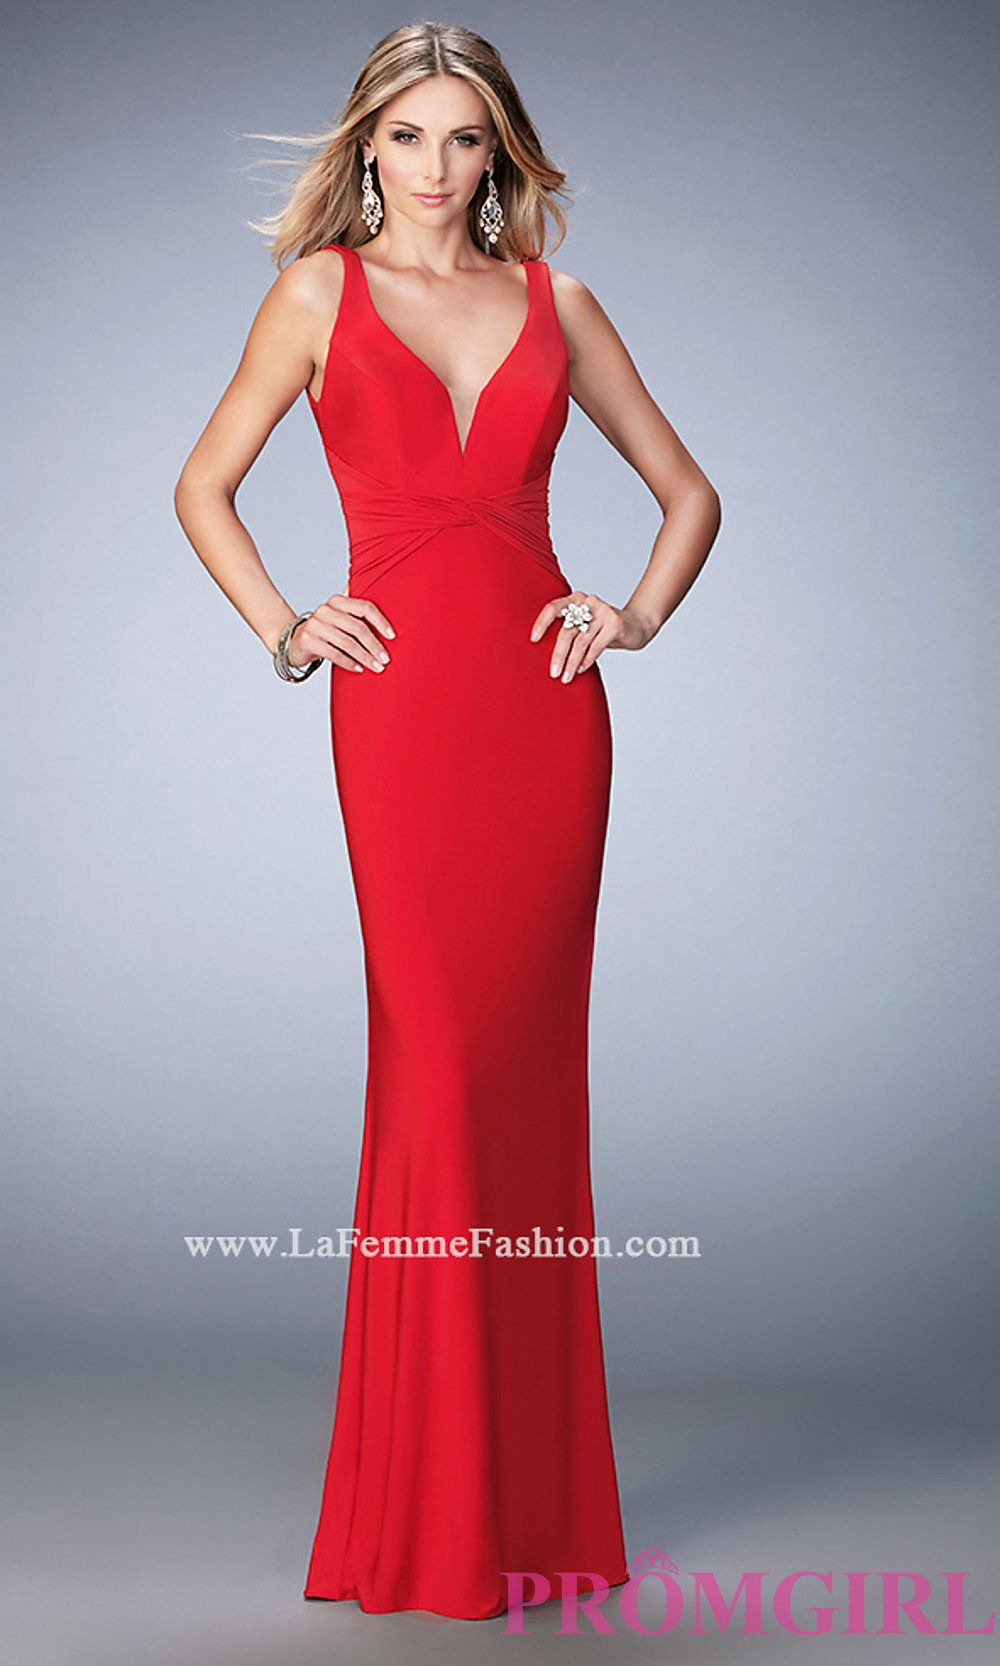 70c3f06e86 Image of floor length sleeveless v-neck open back dress Style  LF-22060  Detail Image 2